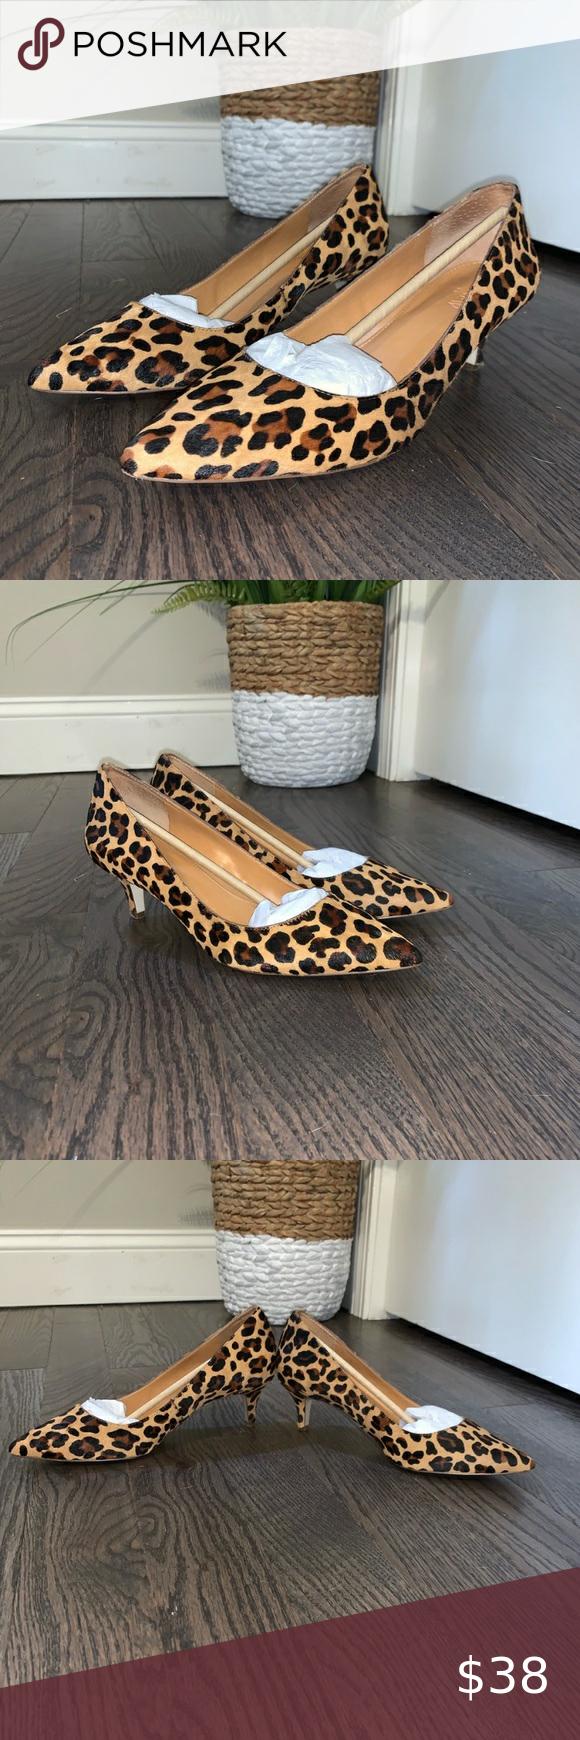 J Crew Leopard Print Kitten Heels In 2020 Kitten Heels Shoes Women Heels Heels